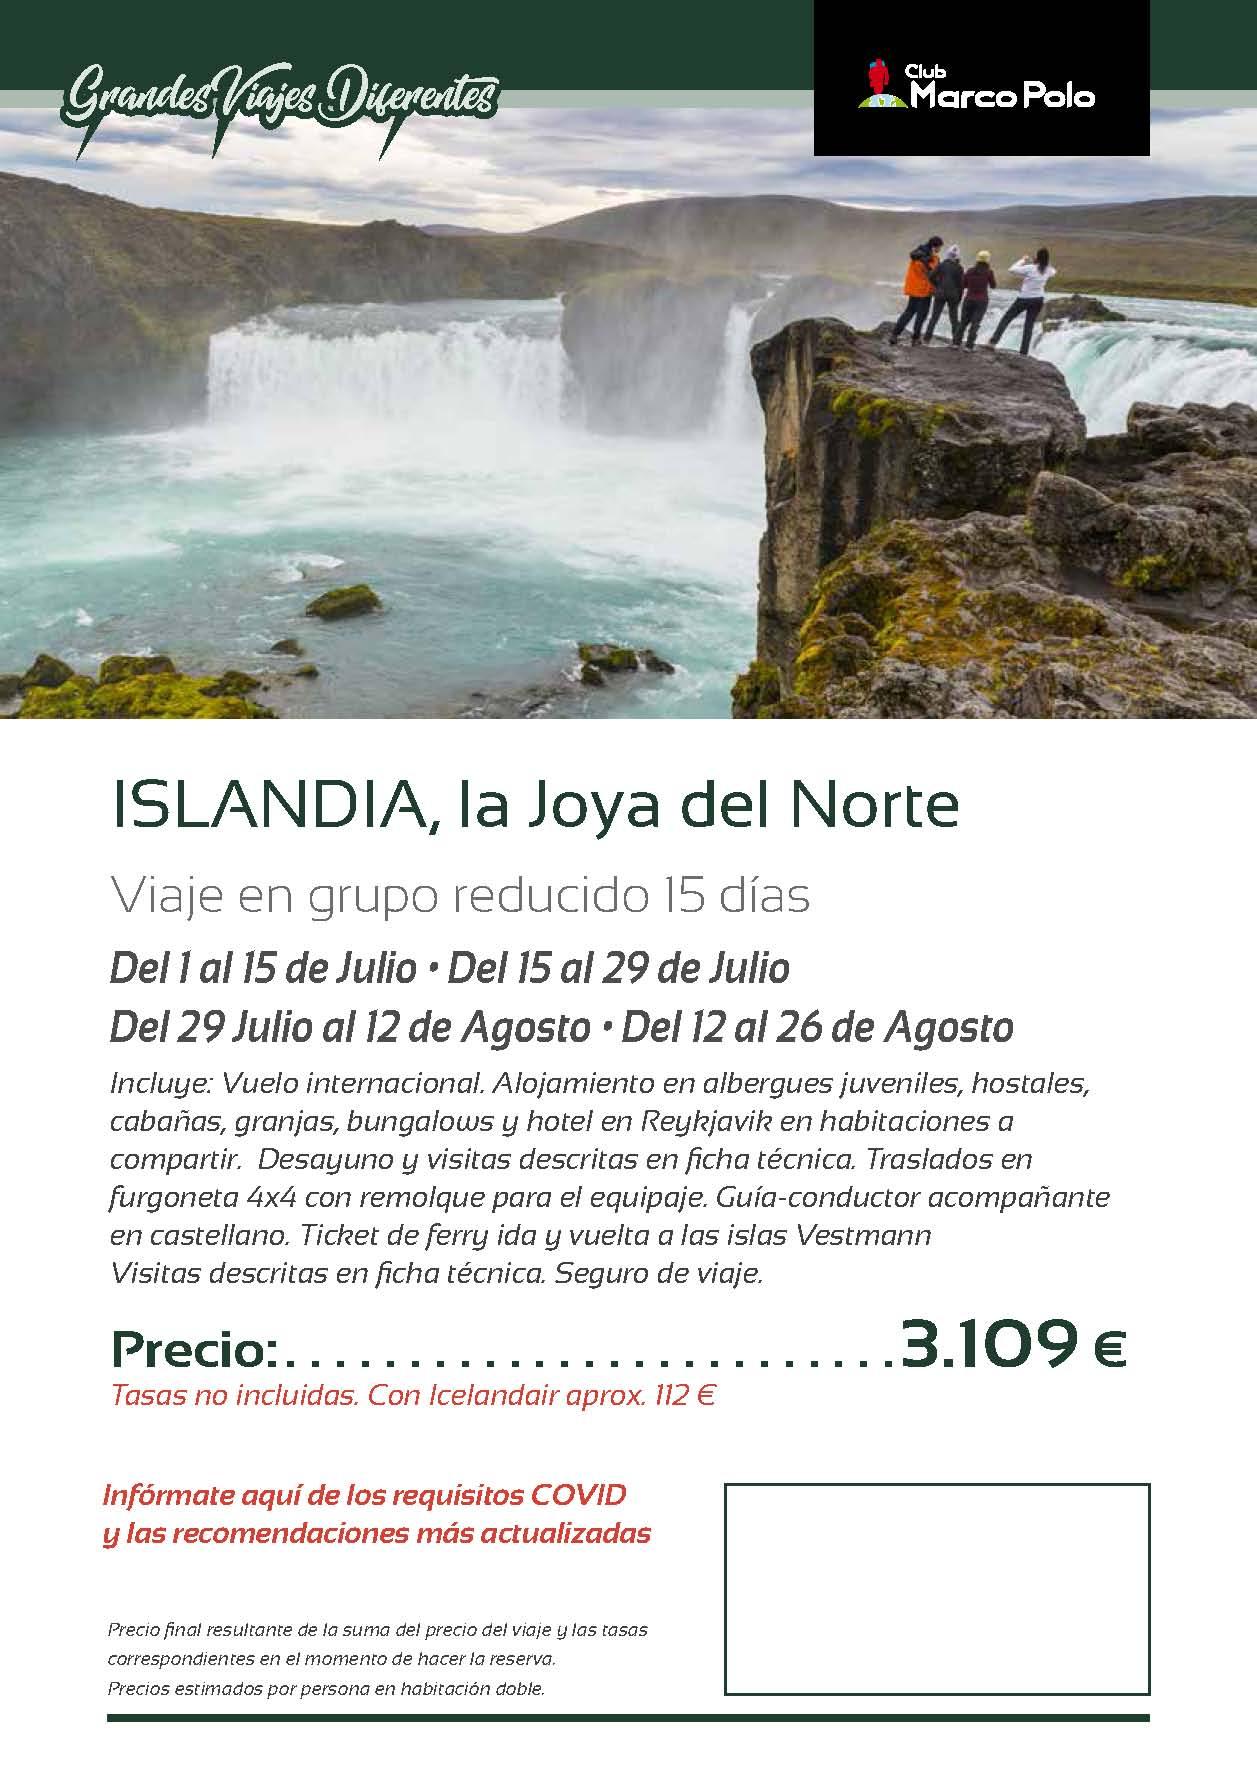 Oferta Club Marco Polo viaje a Islandia Julio y Agosto 2021